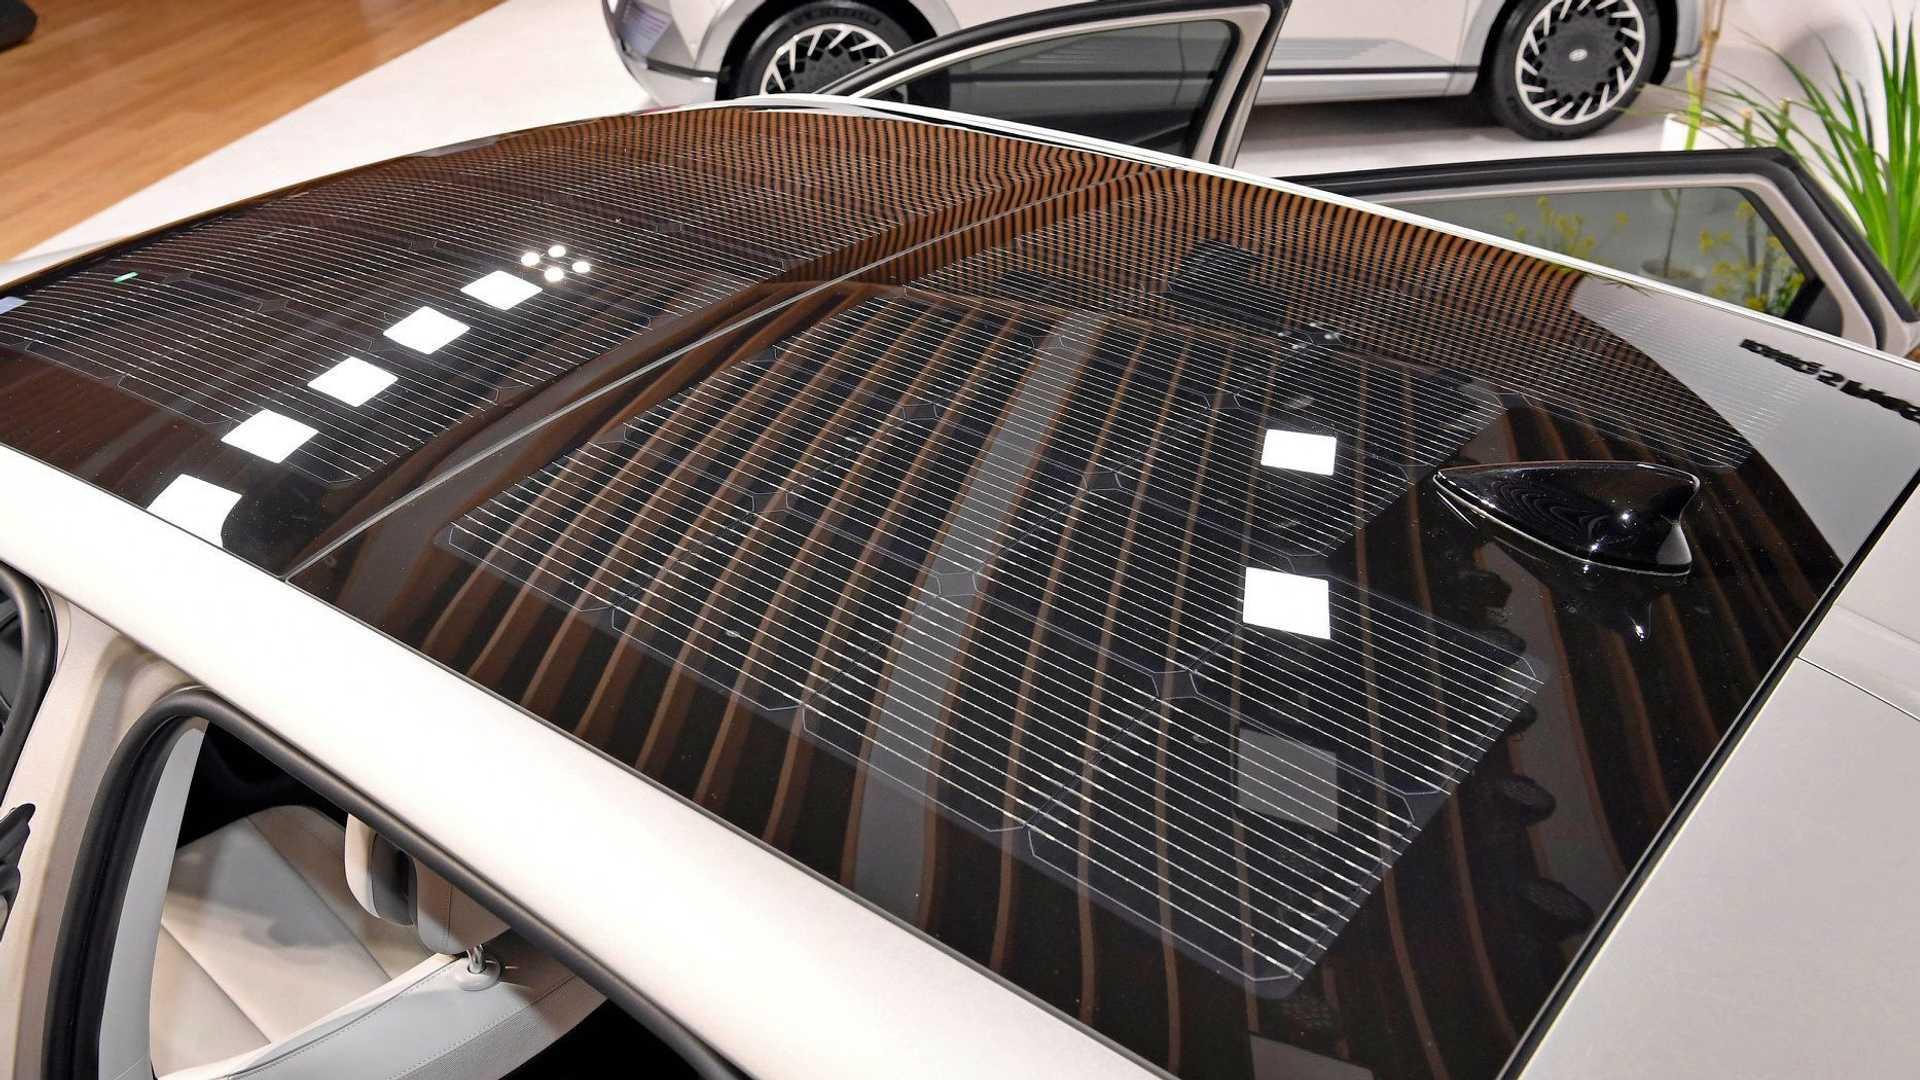 Xe điện hyundai Ioniq 5 2022 chốt giá từ 45.000 USD Hyundai Ioniq 5 2022 ra mắt với khả năng sạc cực nhanh 2022-hyundai-ioniq-5-6.jpg